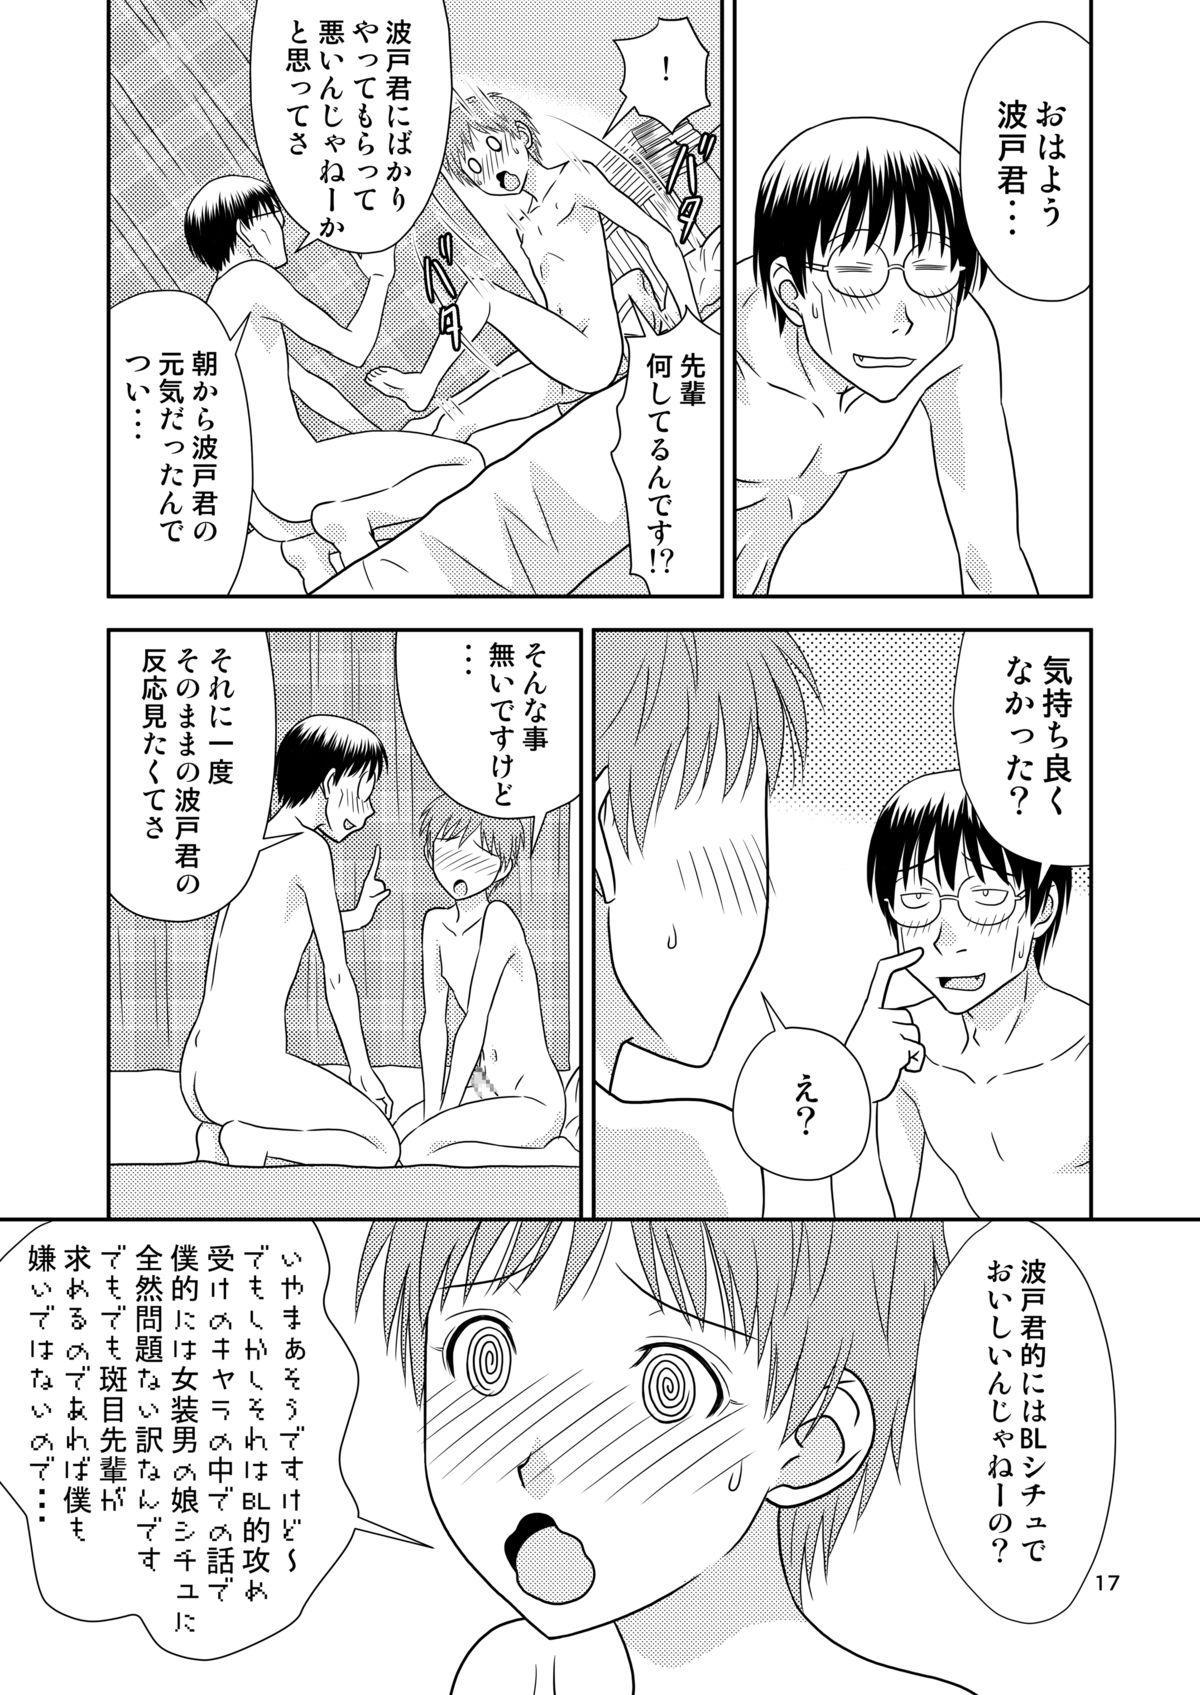 Genshiken no Hon Ni Satsu-me 16